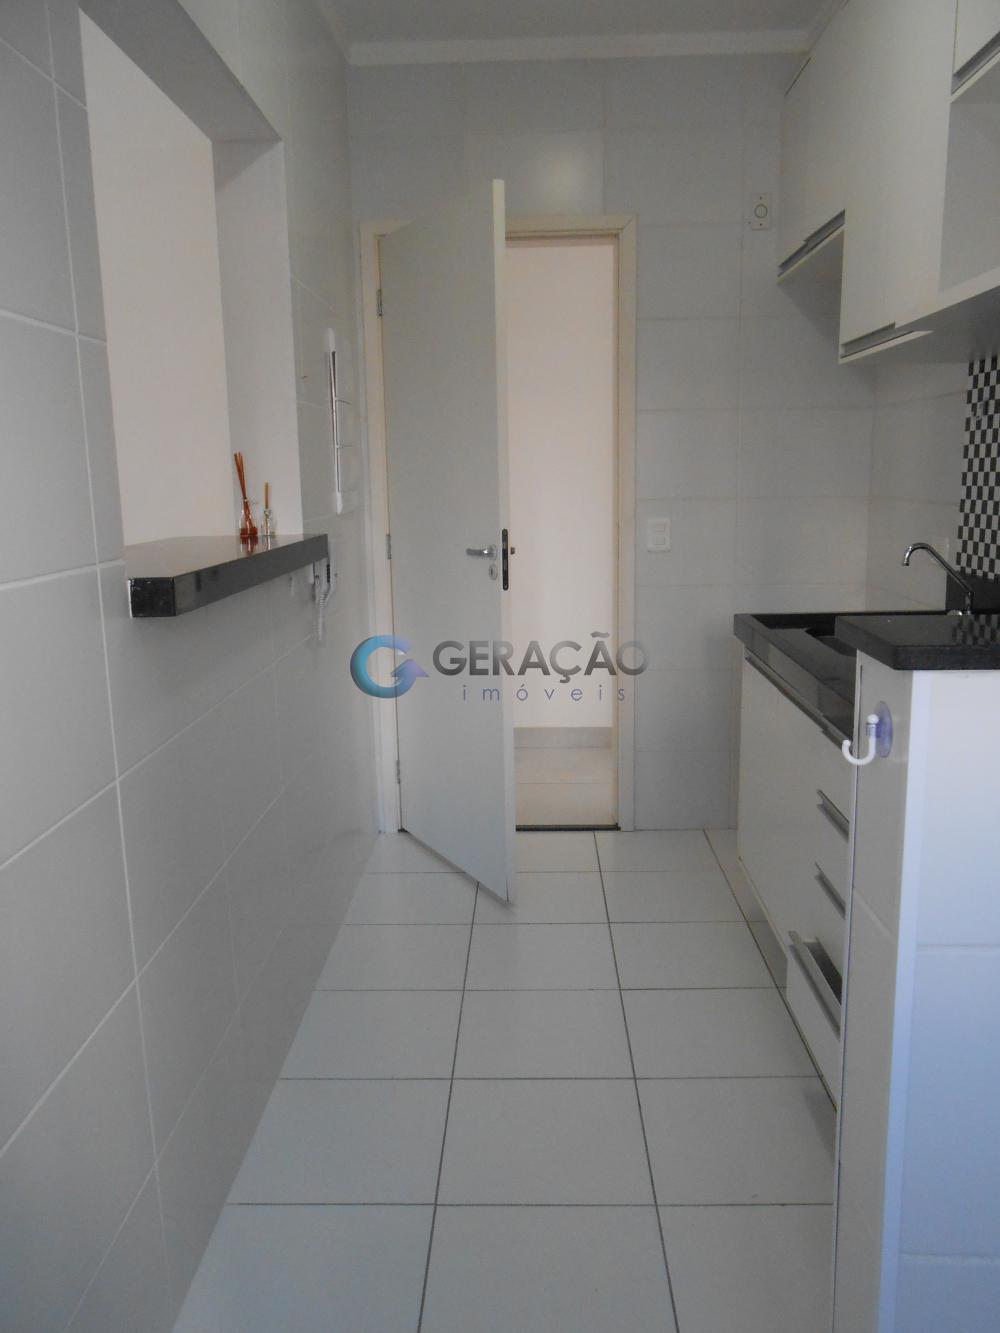 Alugar Apartamento / Padrão em São José dos Campos R$ 1.900,00 - Foto 12